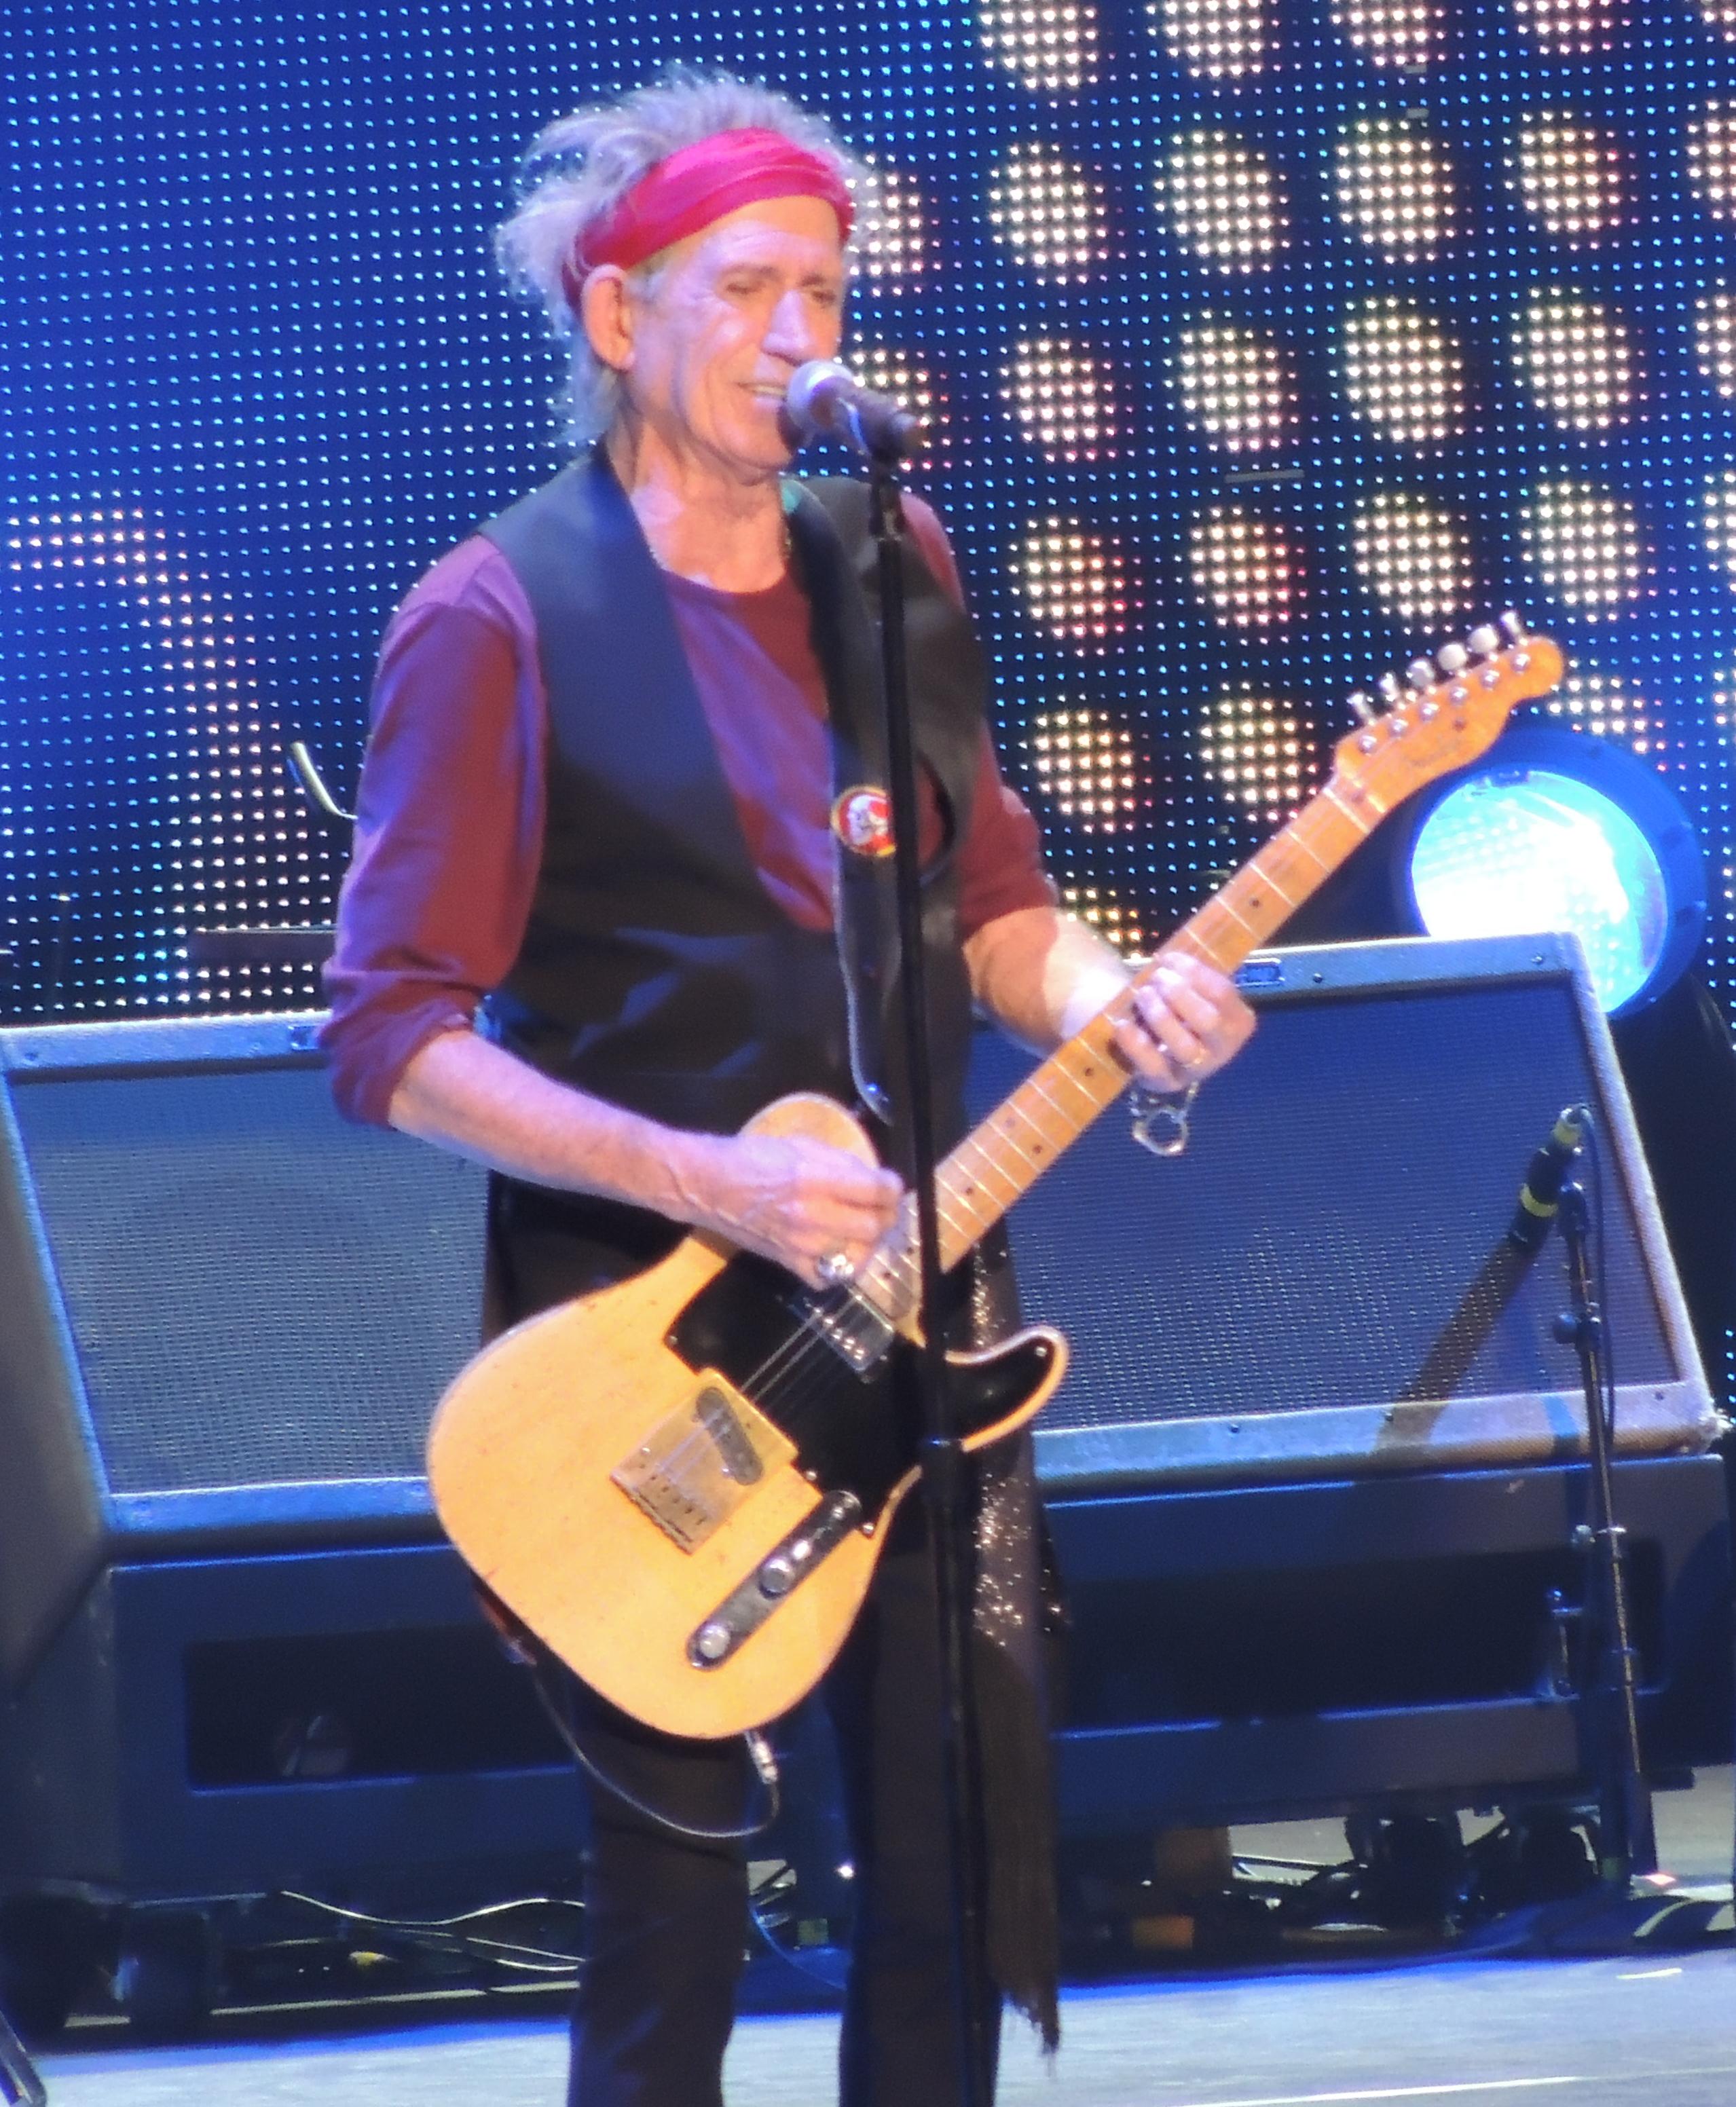 Richards junto con The Rolling Stones, durante el tour 50 & Counting, en diciembre, 2012.